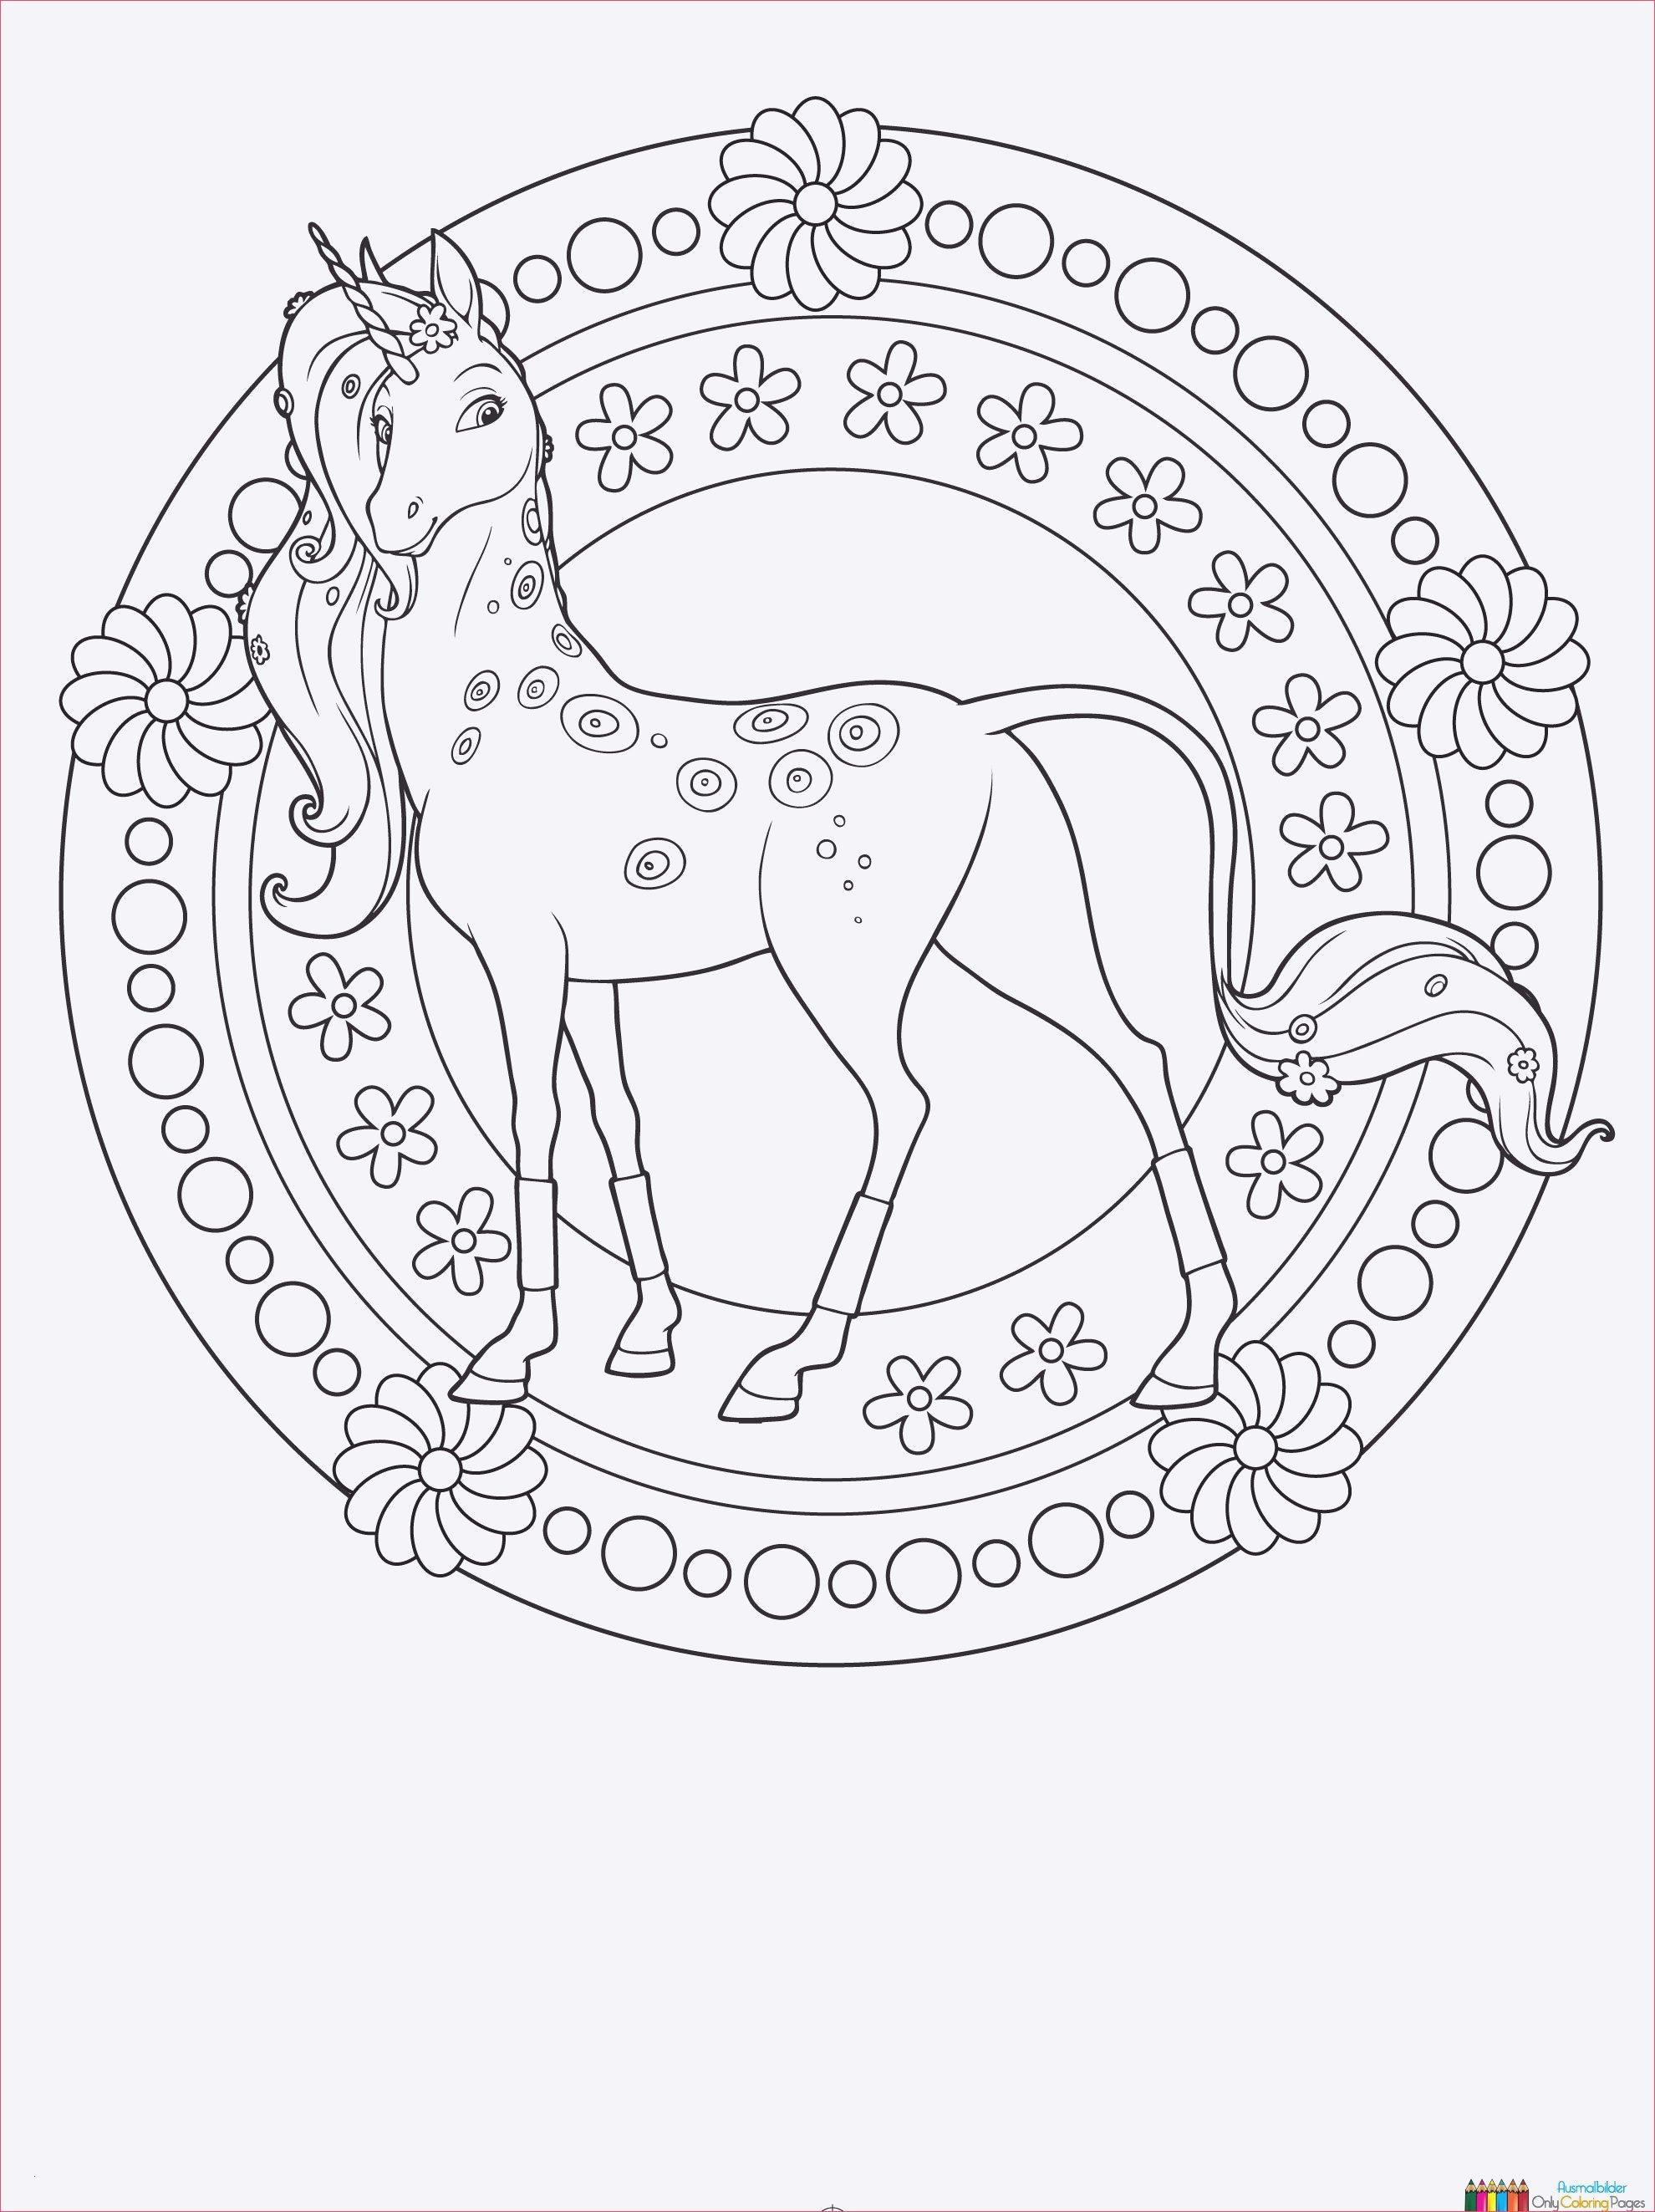 Osterhasen Bilder Kostenlos Das Beste Von Osterhasen Malvorlagen Kostenlos Schön 40 Malvorlagen Mandala Sammlung